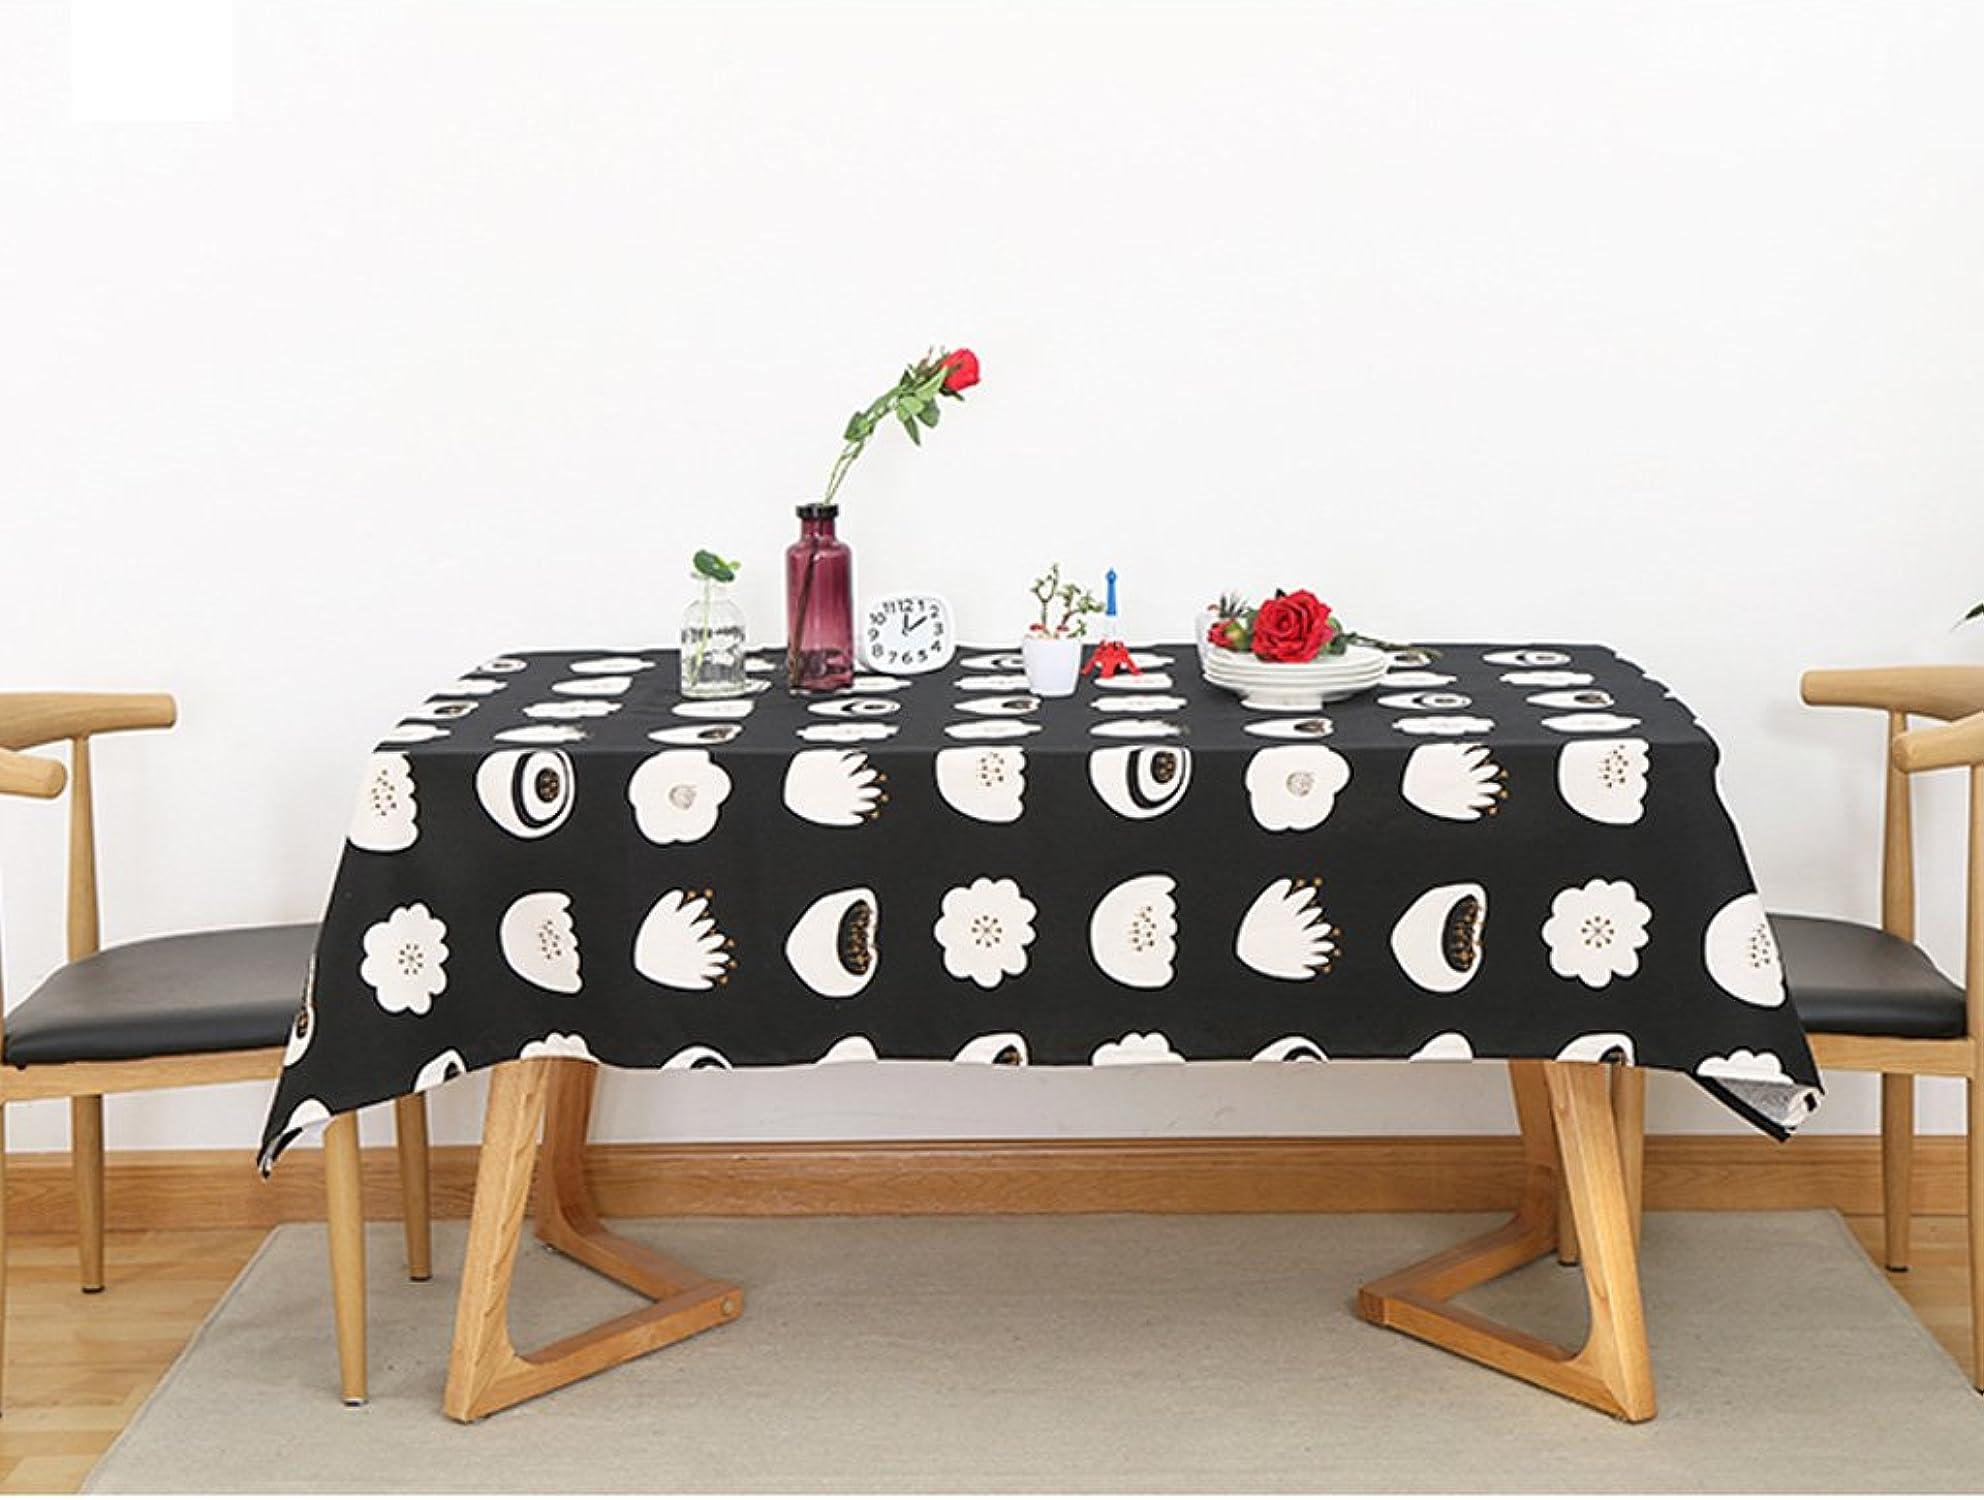 LINGZHIGAN Nappe Tissu Art Simple Rectangulaire Table à thé Mariage Restaurant Table de fête Noir et blanc Coton et lin (Ce produit ne propose que des nappes) ( taille   140300cm )